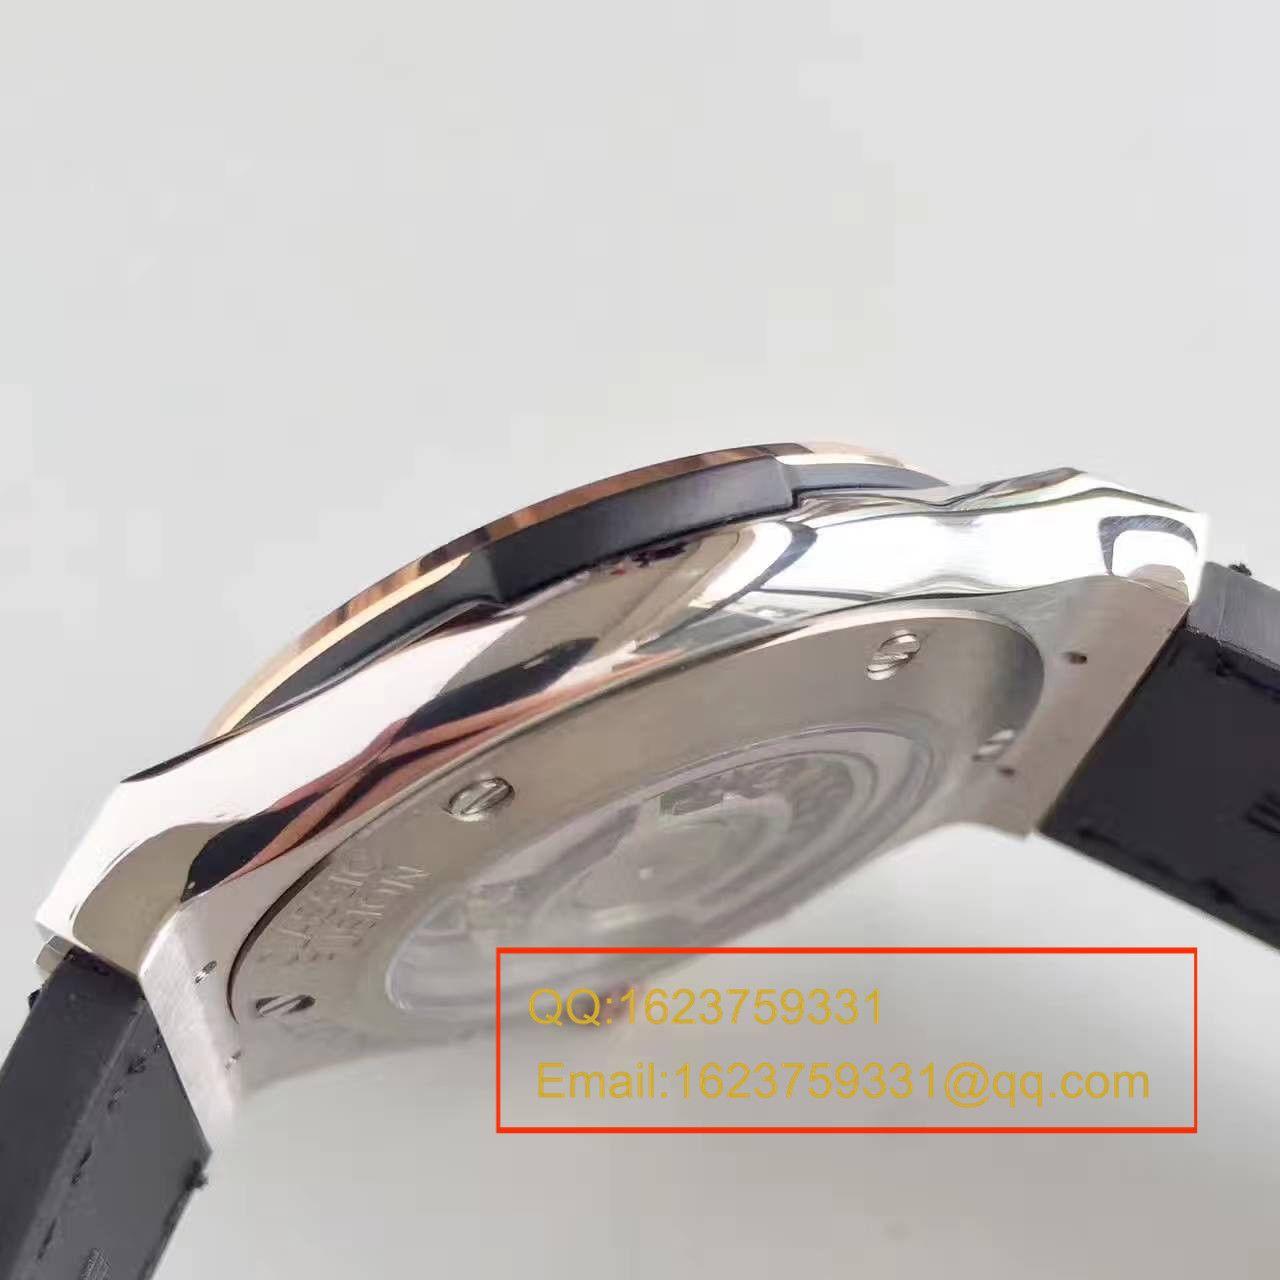 【JJ厂一比一超A高仿手表】宇舶经典融合系列511.OX.2610.LR腕表